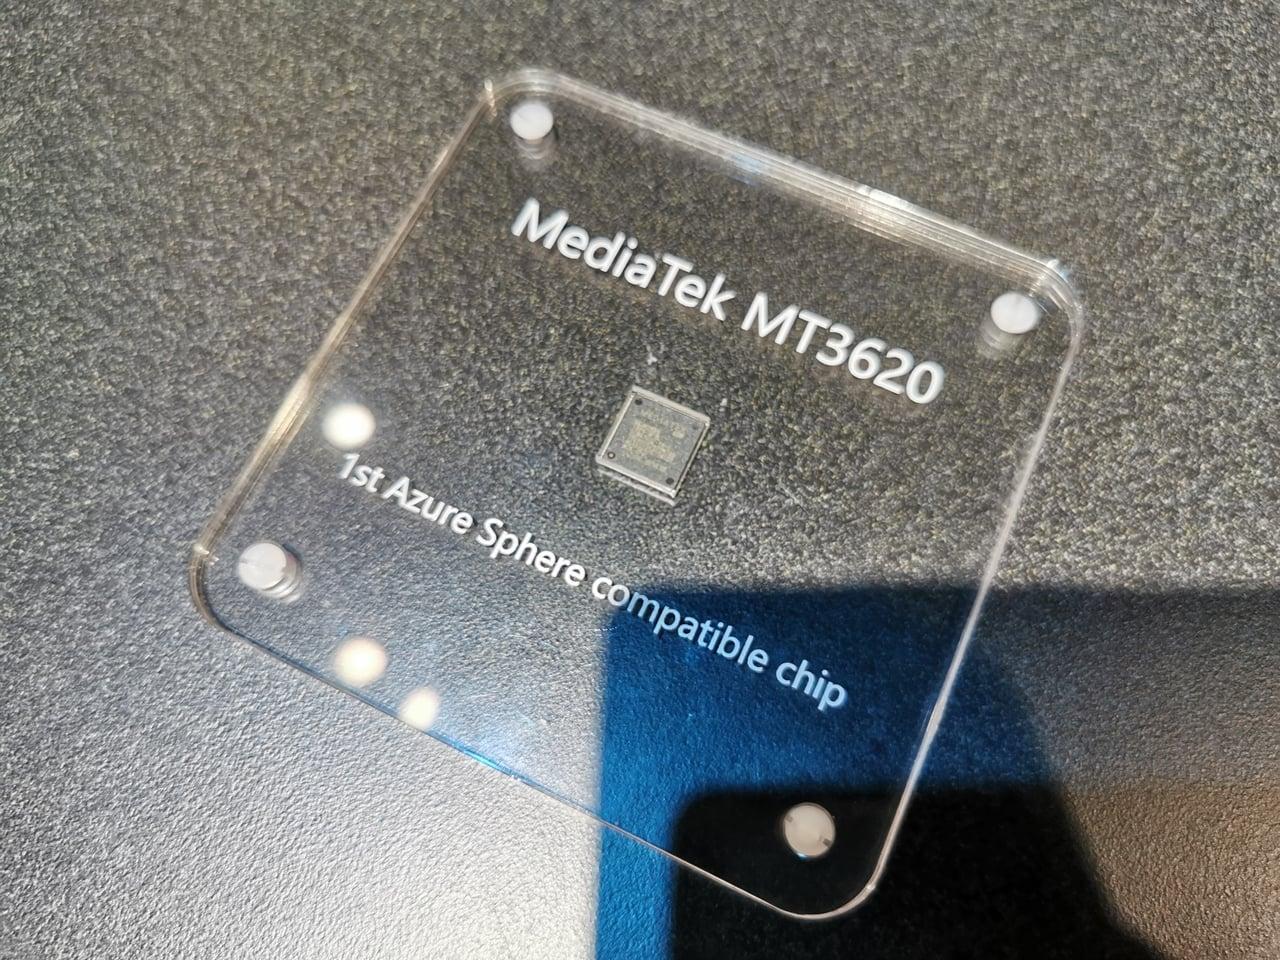 MediaTek MT3620: první čip pro Azure Sphere